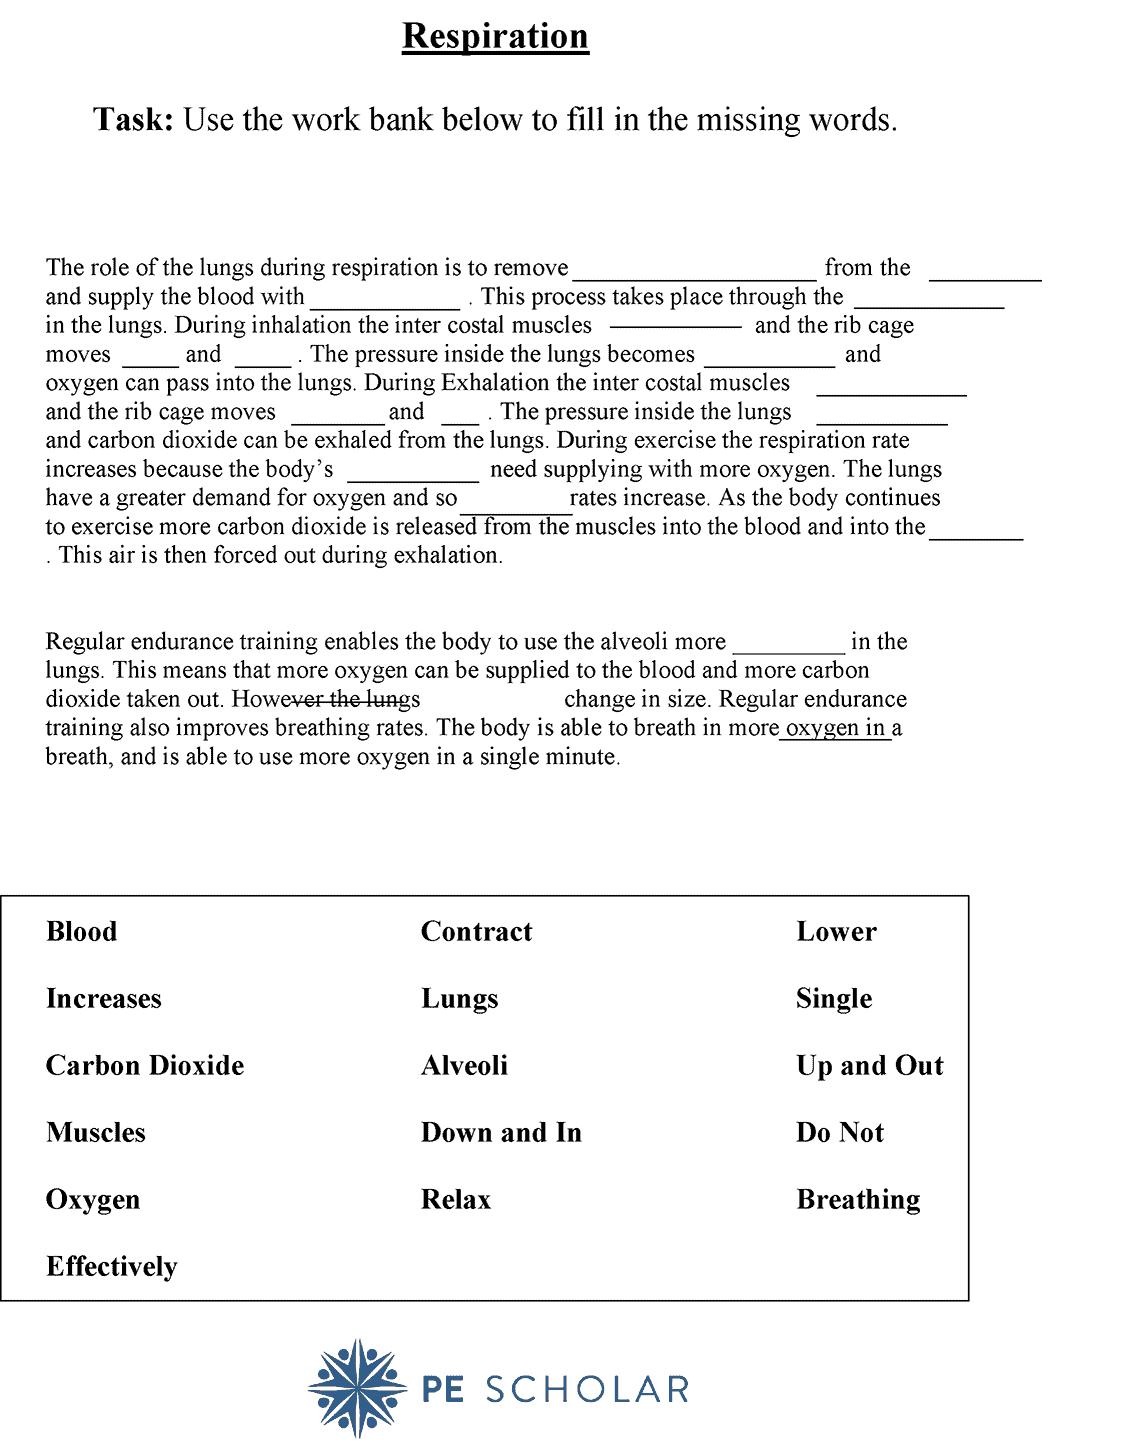 Respiration Worksheet